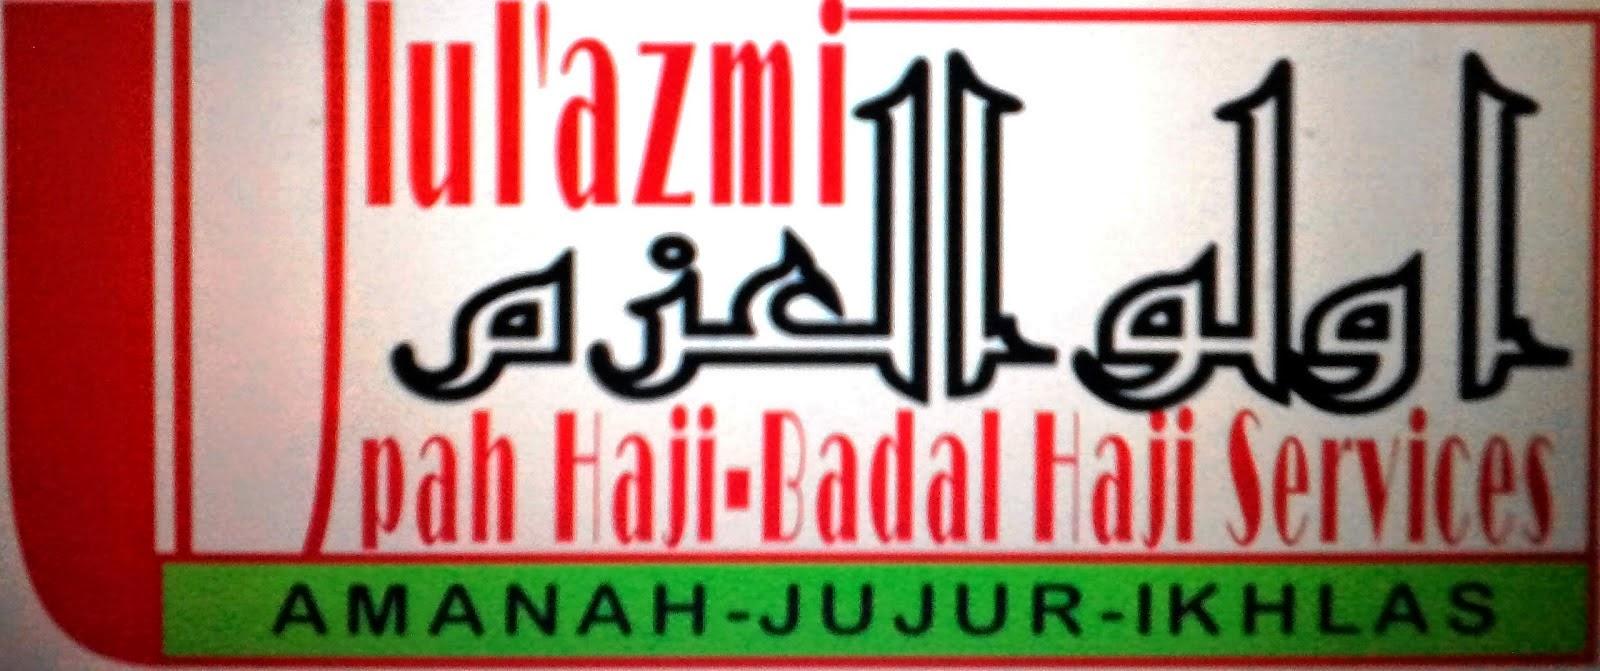 Upah Haji 1437 Dibuka Untuk Pendaftaran